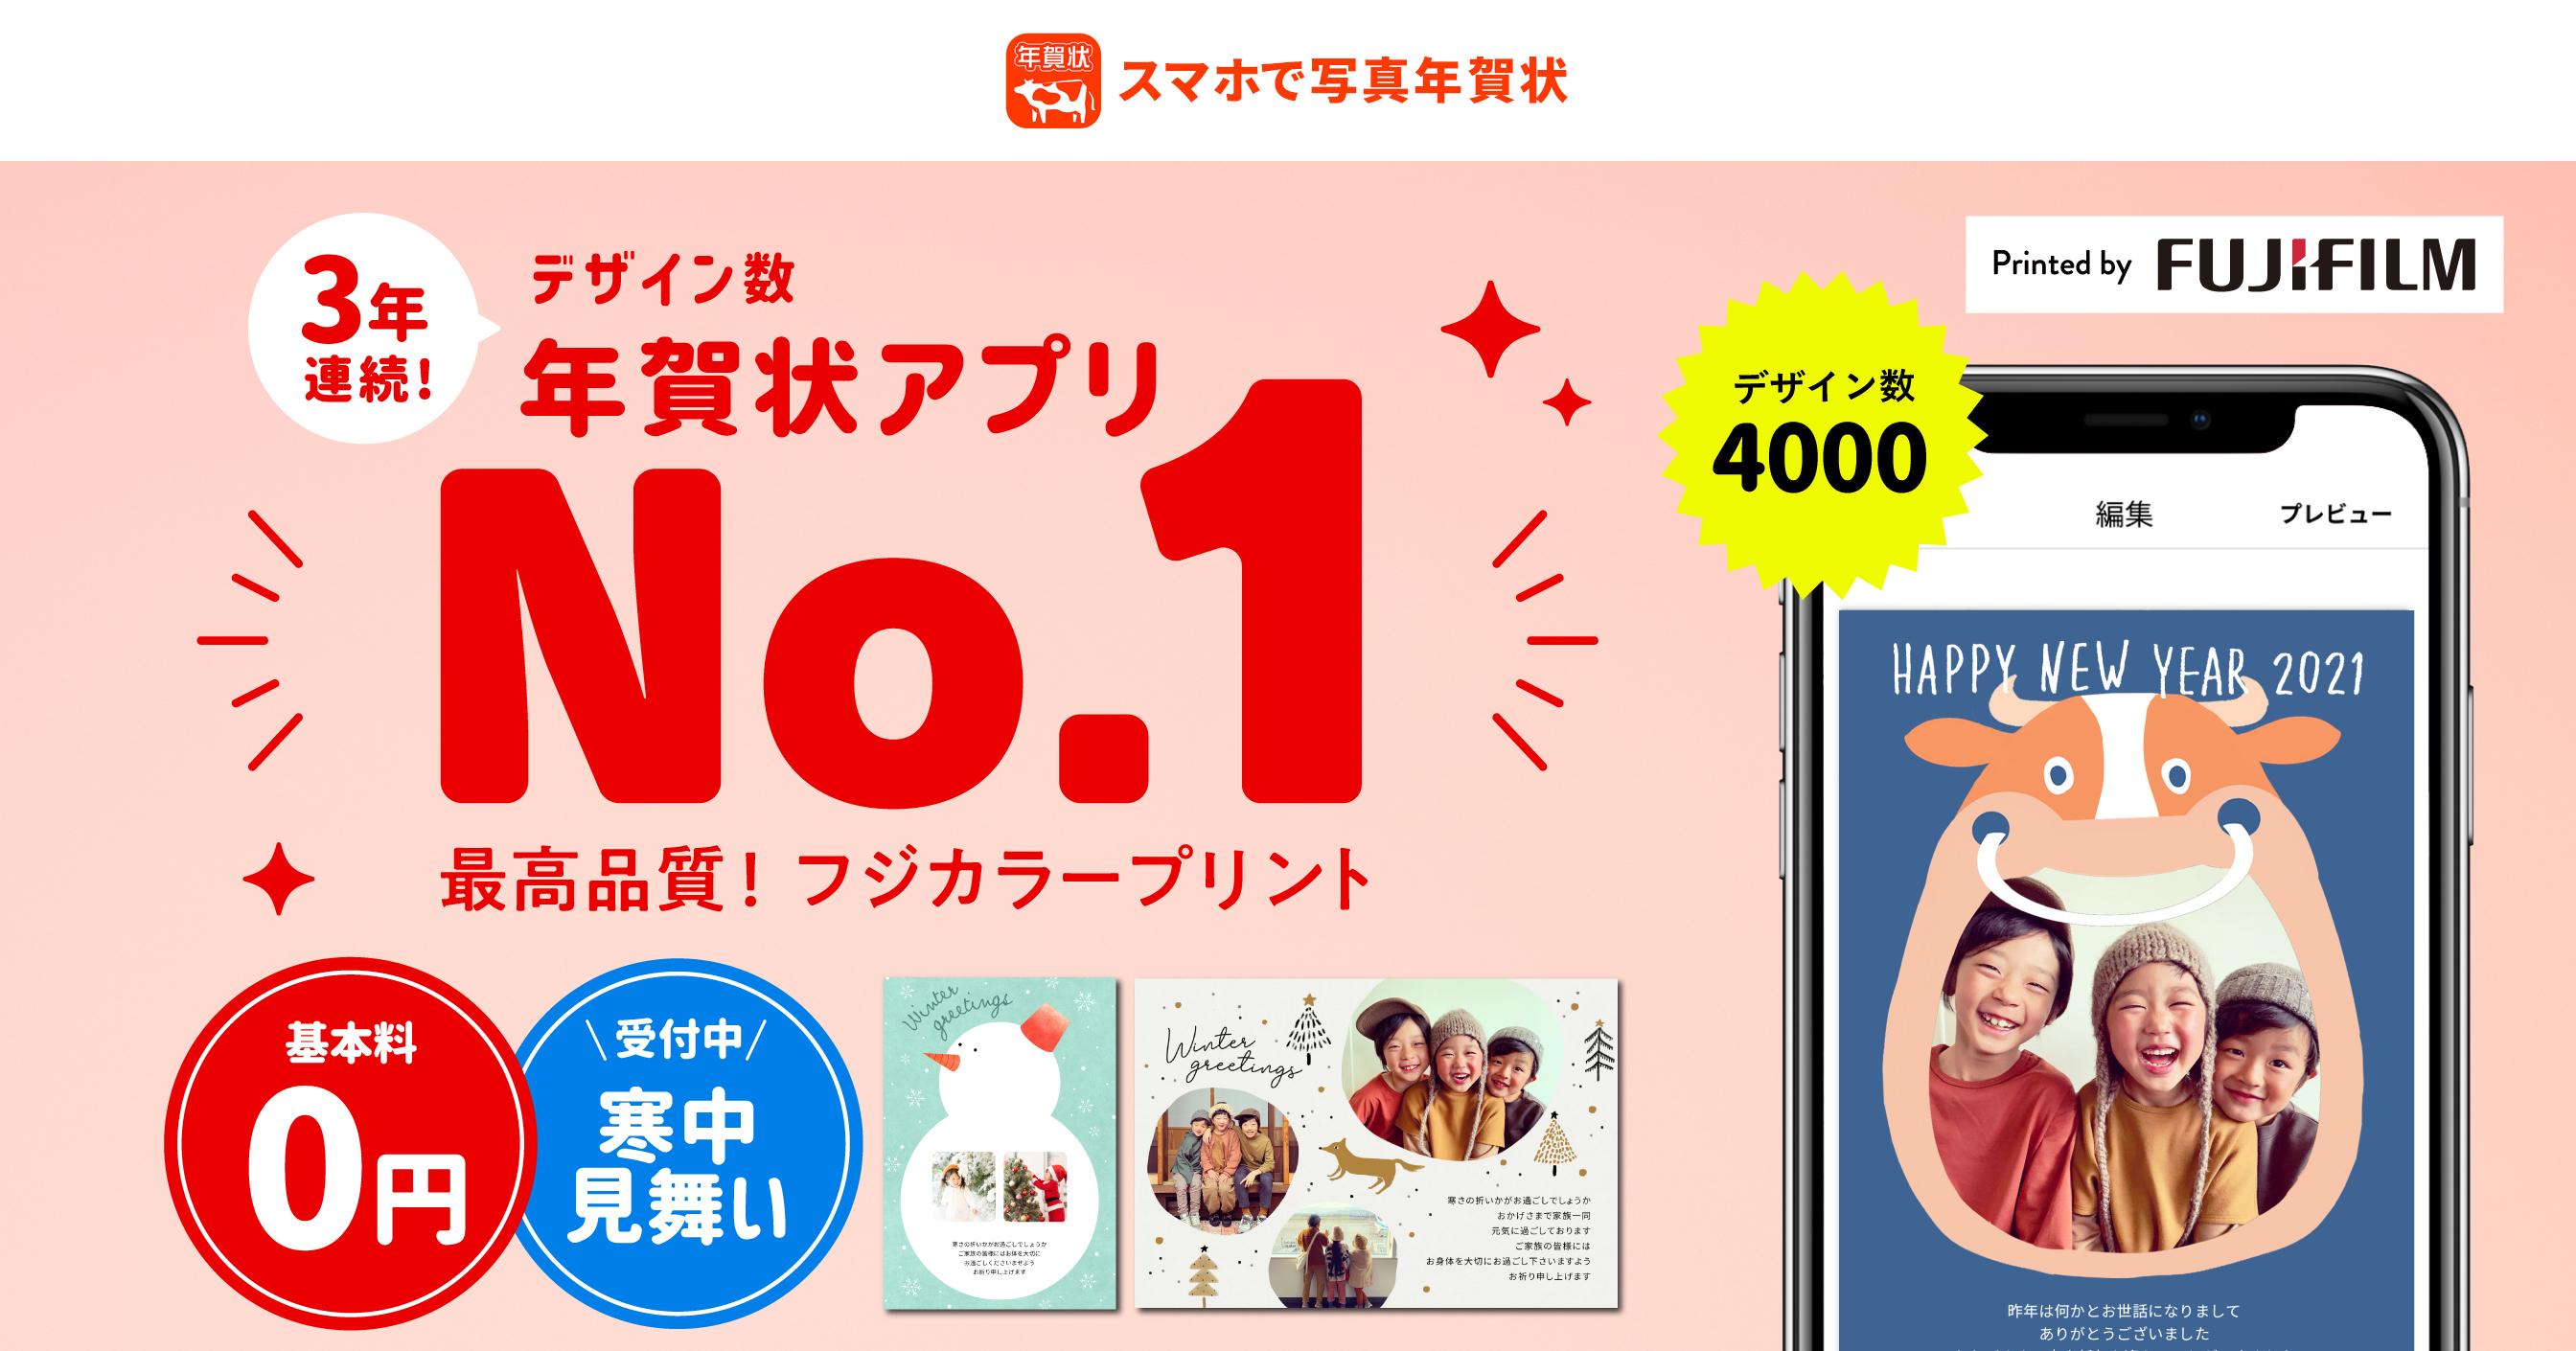 富士フイルム 年賀状 印刷 2020 pdf